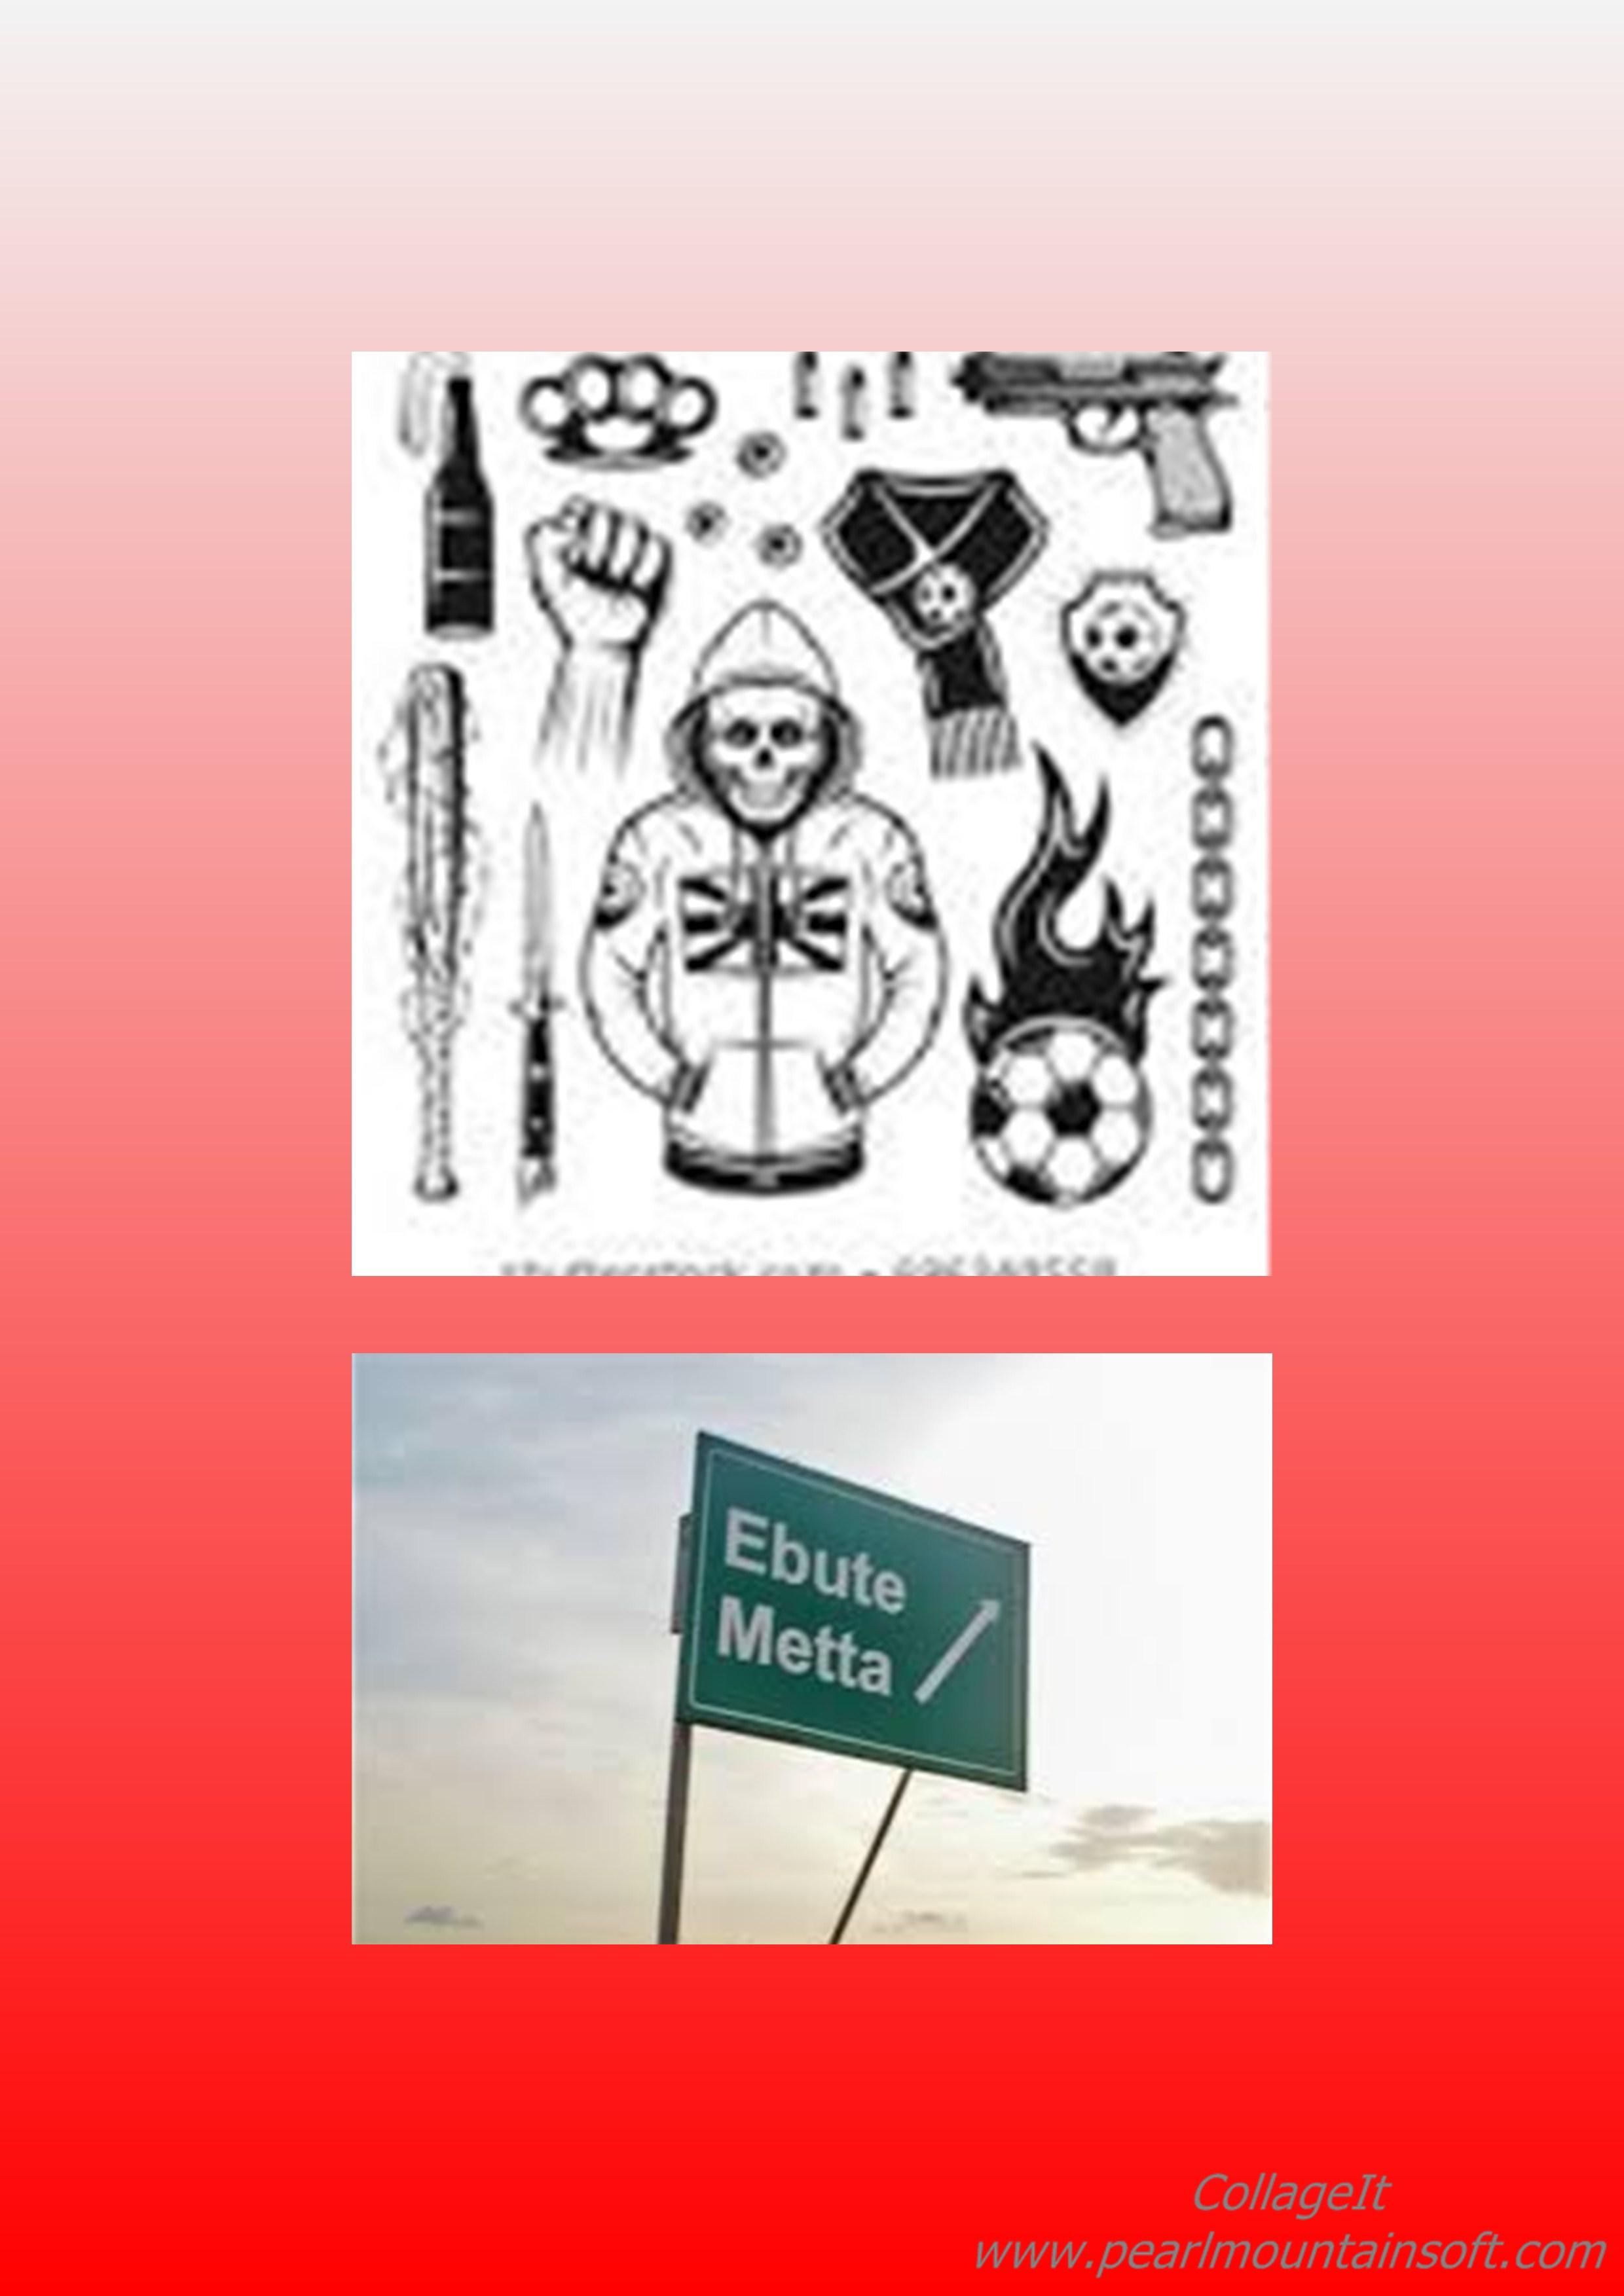 HELPPP!!! INCREASE IN CRIMINAL ACTIVITIES IN EBUTE-METTA!